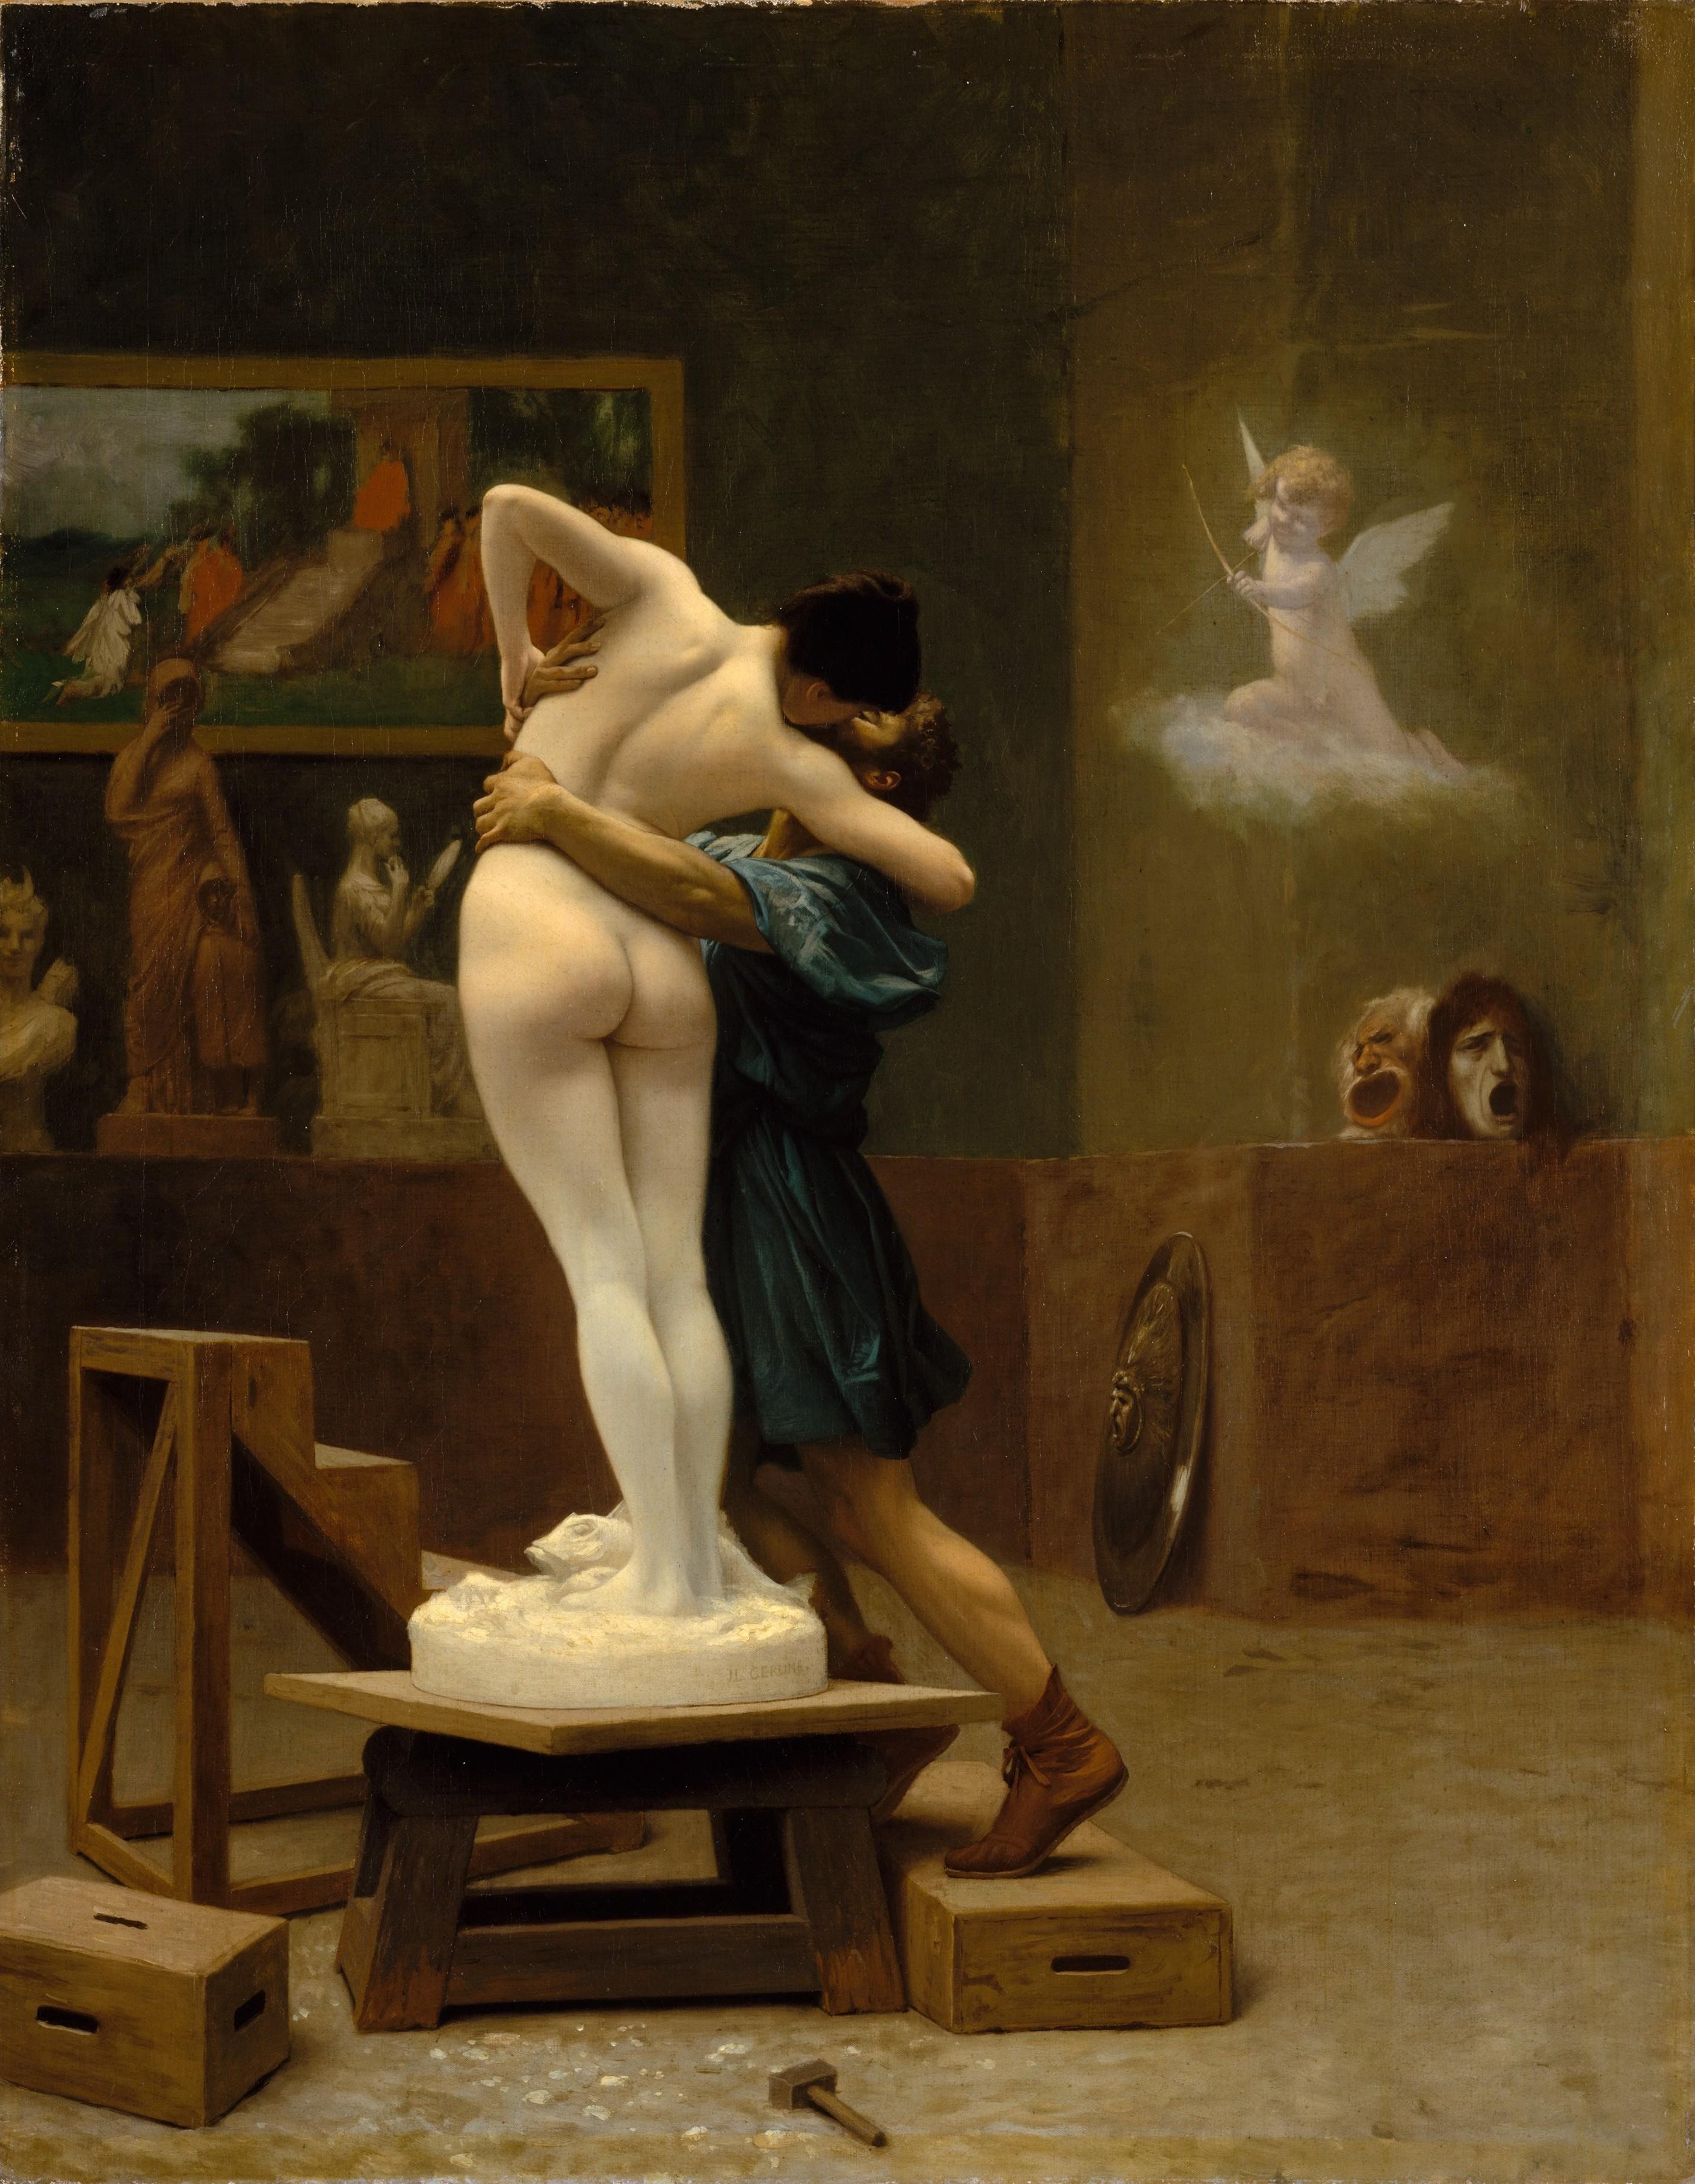 Dosya:Jean-Léon Gérôme, Pygmalion and Galatea, ca. 1890.jpg - Vikipedi